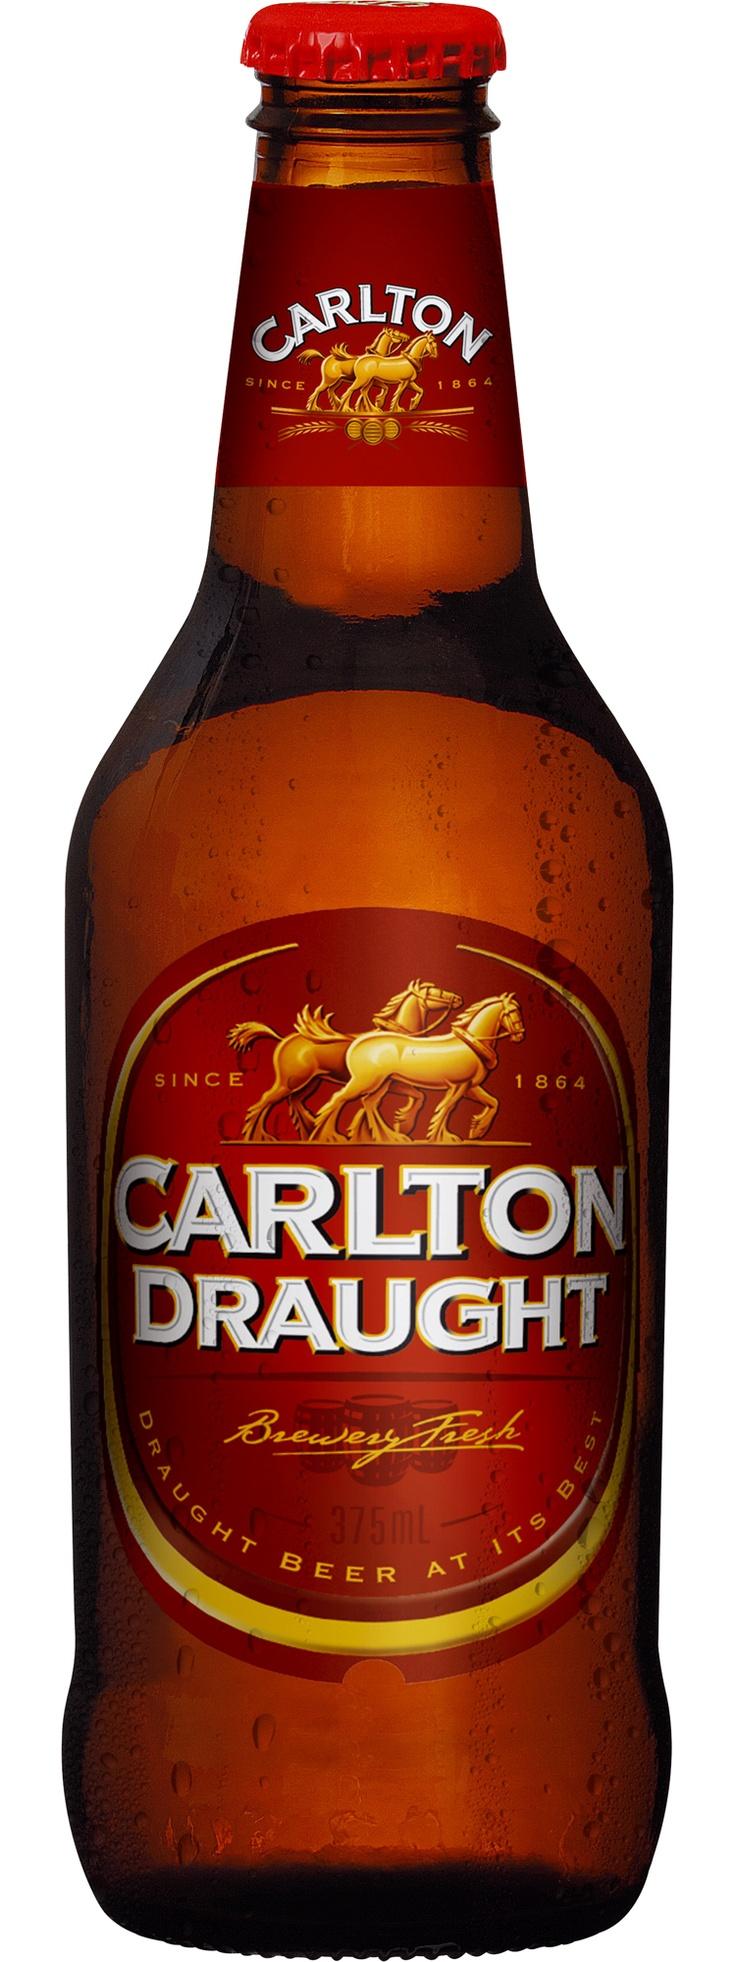 77f638af149662421ea7d21da85722ad Jpg 750 2 000 Pixels Beer Draft Bottle Beer Cerveja